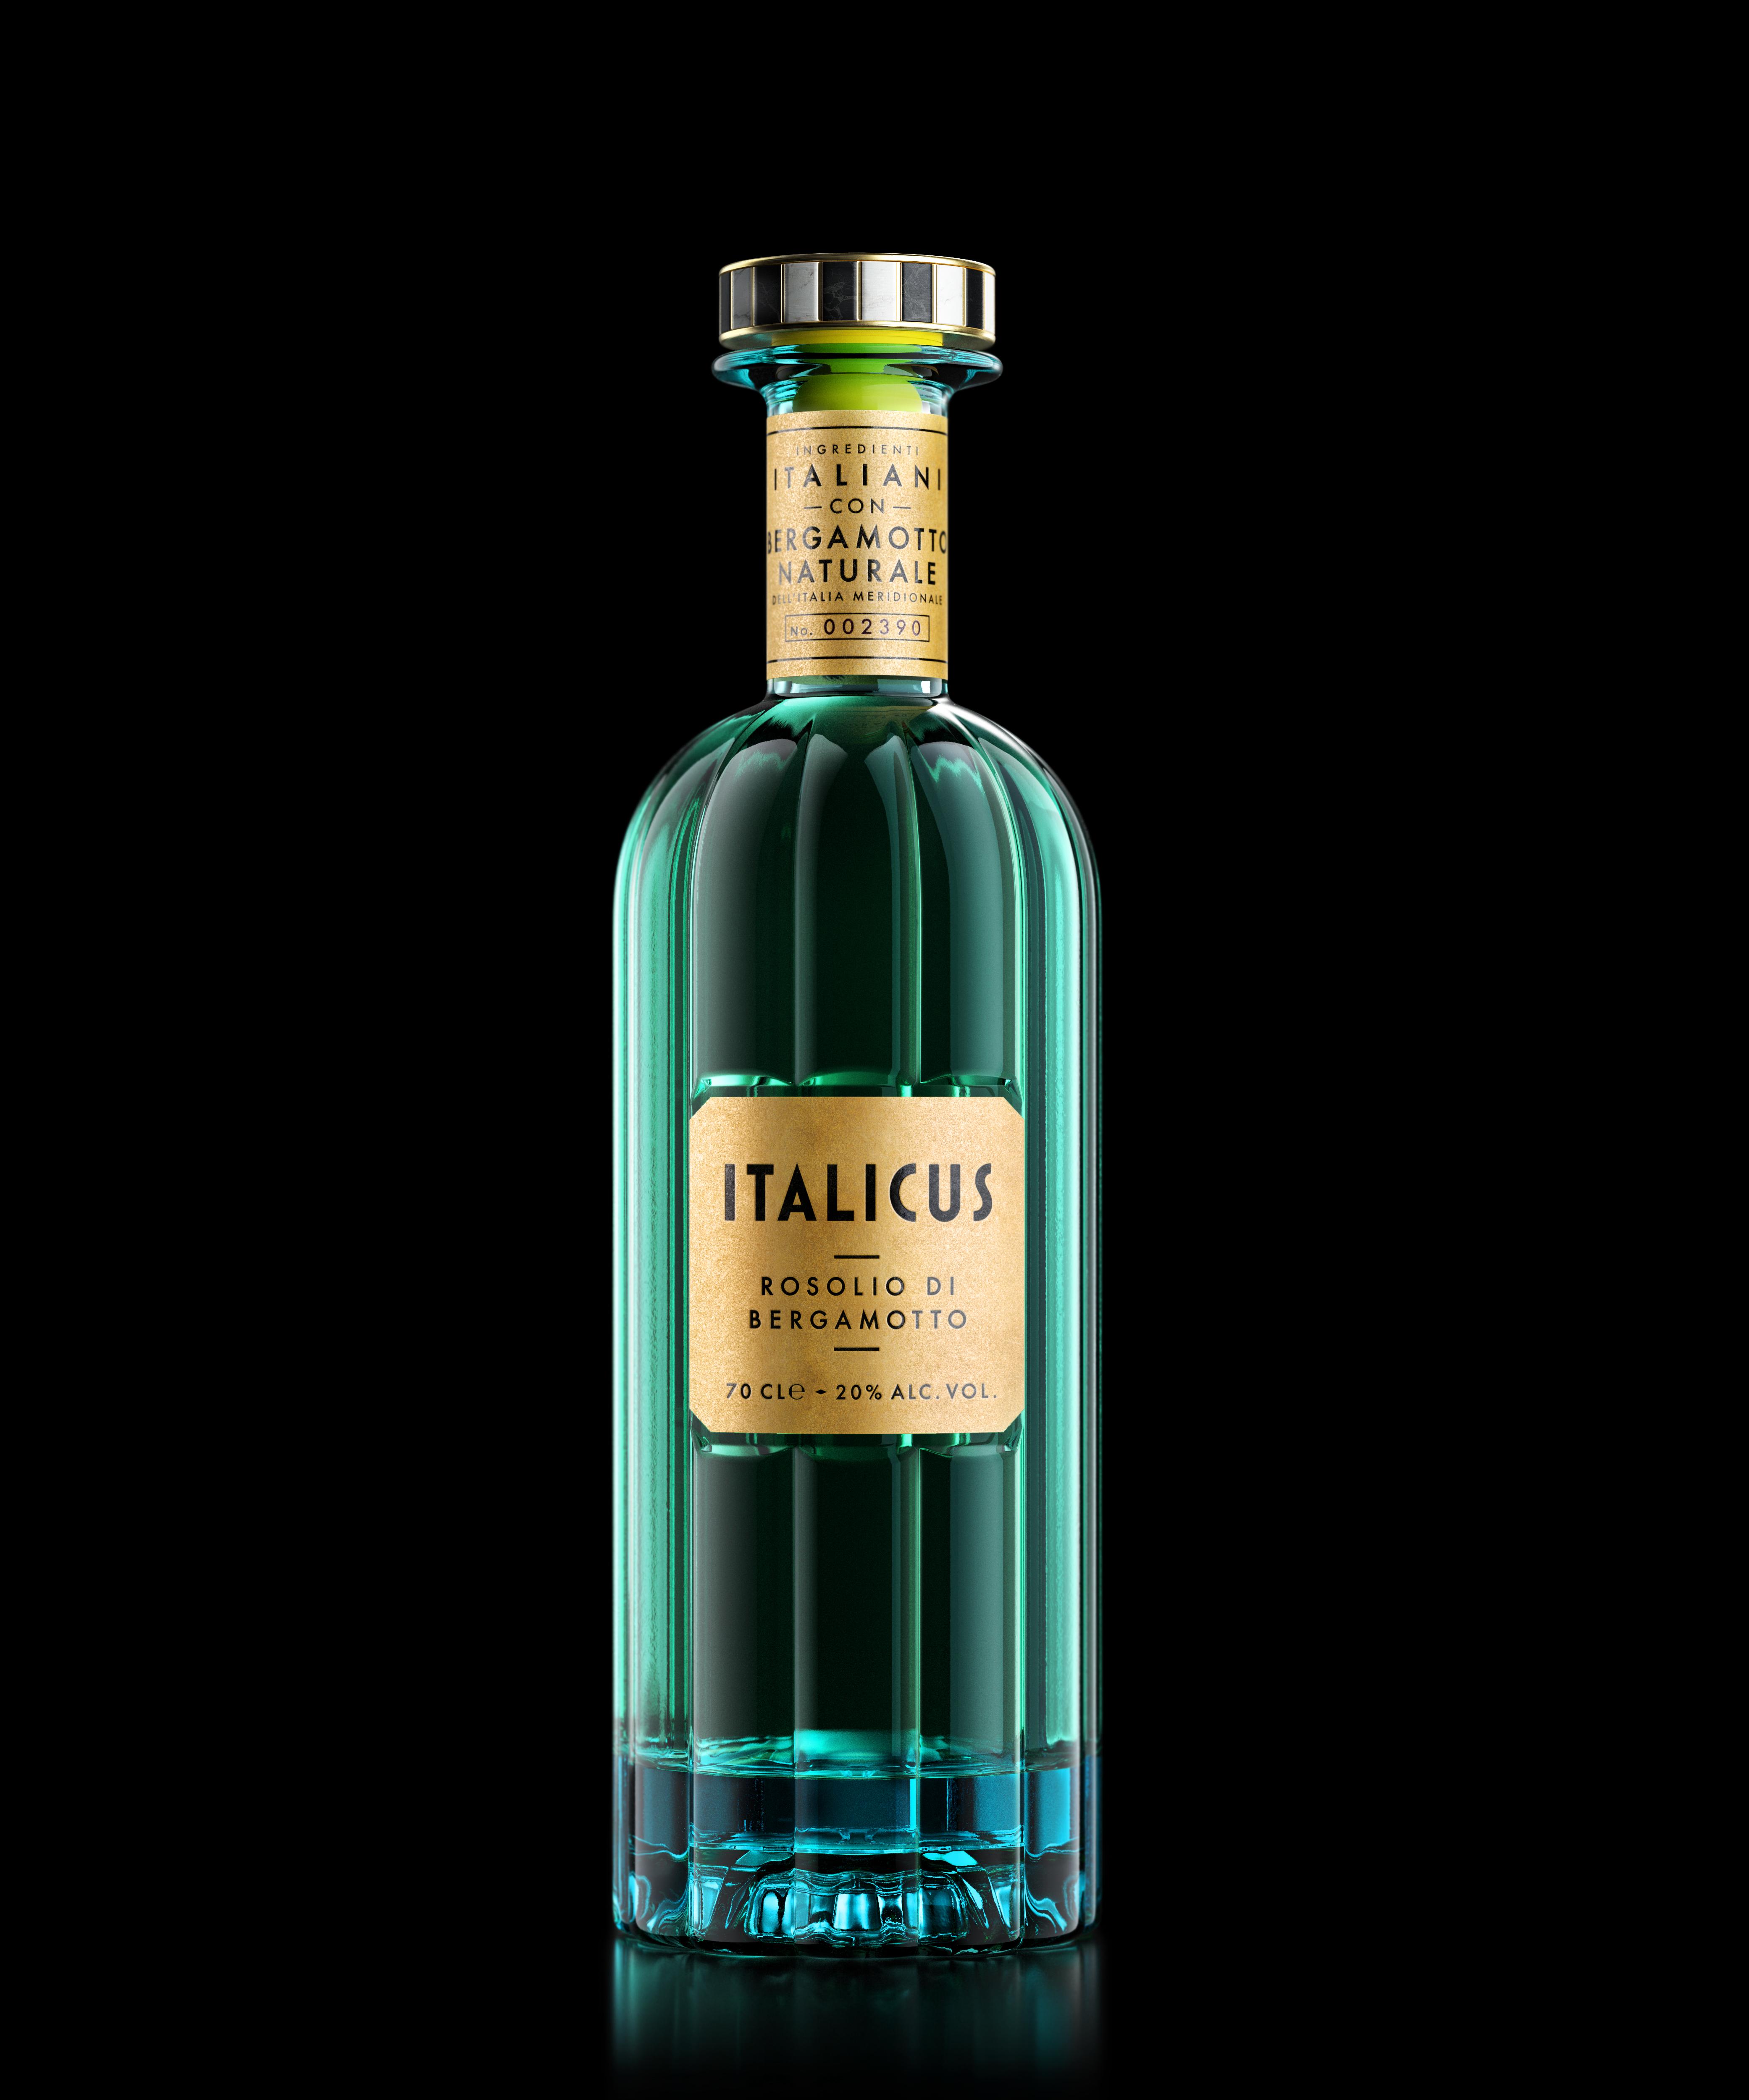 ItalicusBlack